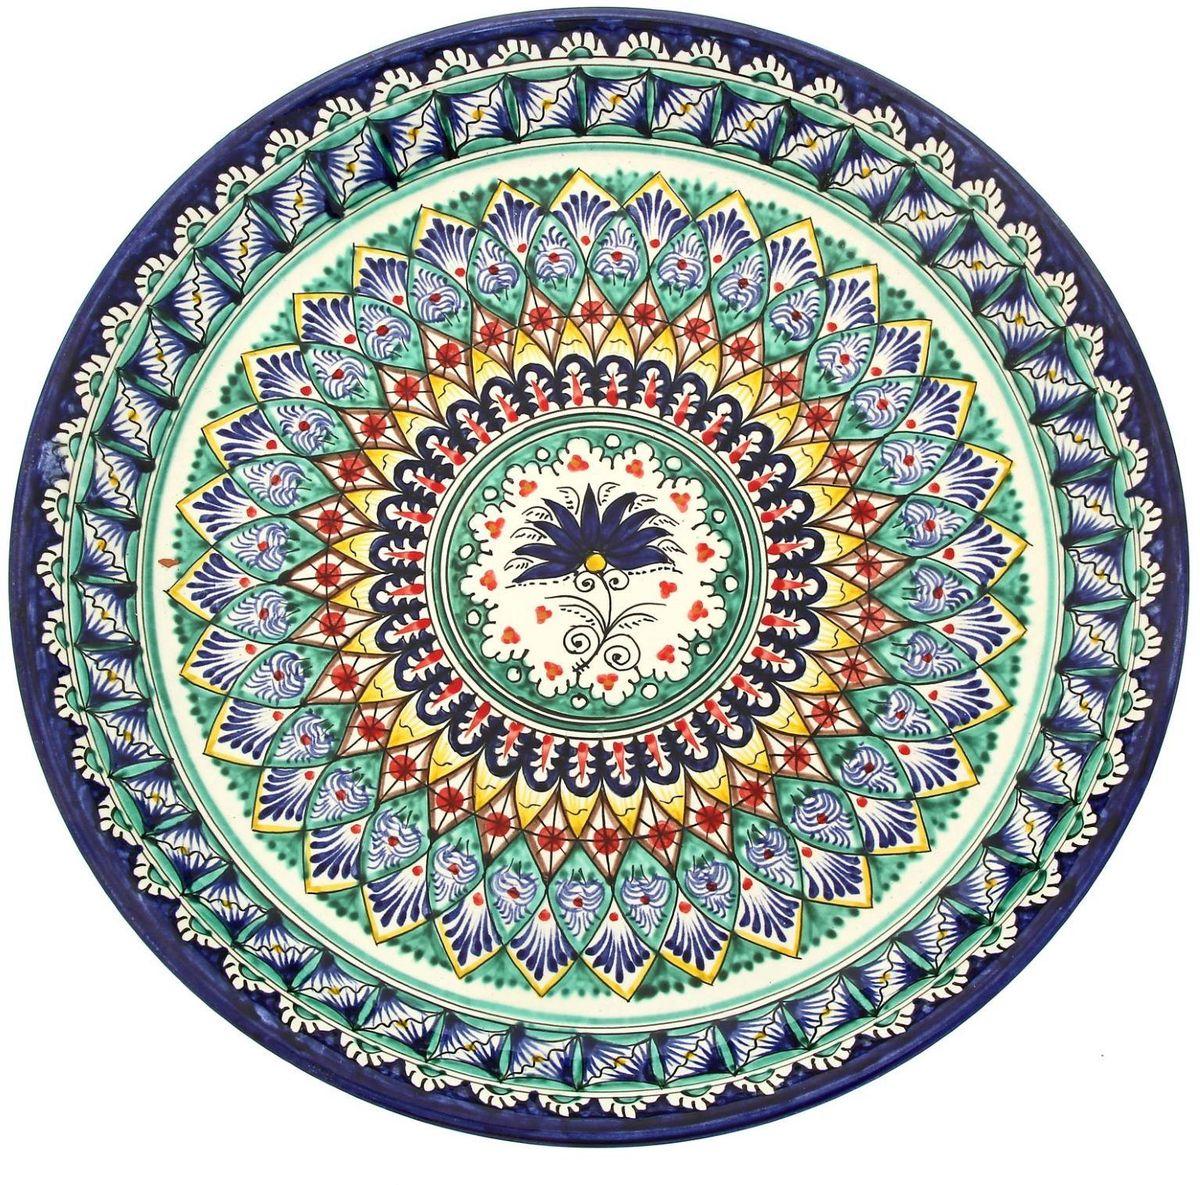 Ляган Риштанская керамика, диаметр 36 см. 19242251924225Ляган — это не просто обеденный атрибут, это украшение стола. Посуда с национальной росписью станет отменным подарком для ценителей высокородной посуды.Риштан — город на востоке Узбекистана, один из древнейших в Ферганской долине. С давних времён Риштан славится своим гончарным искусством изготовления цветной керамики. Красноватую глину для изделия добывают в самом городе. Мастера утверждают, что их глина настолько высокого качества, что даже не нуждается в предварительной обработке. Дополните коллекцию кухонных аксессуаров пряными восточными нотами.